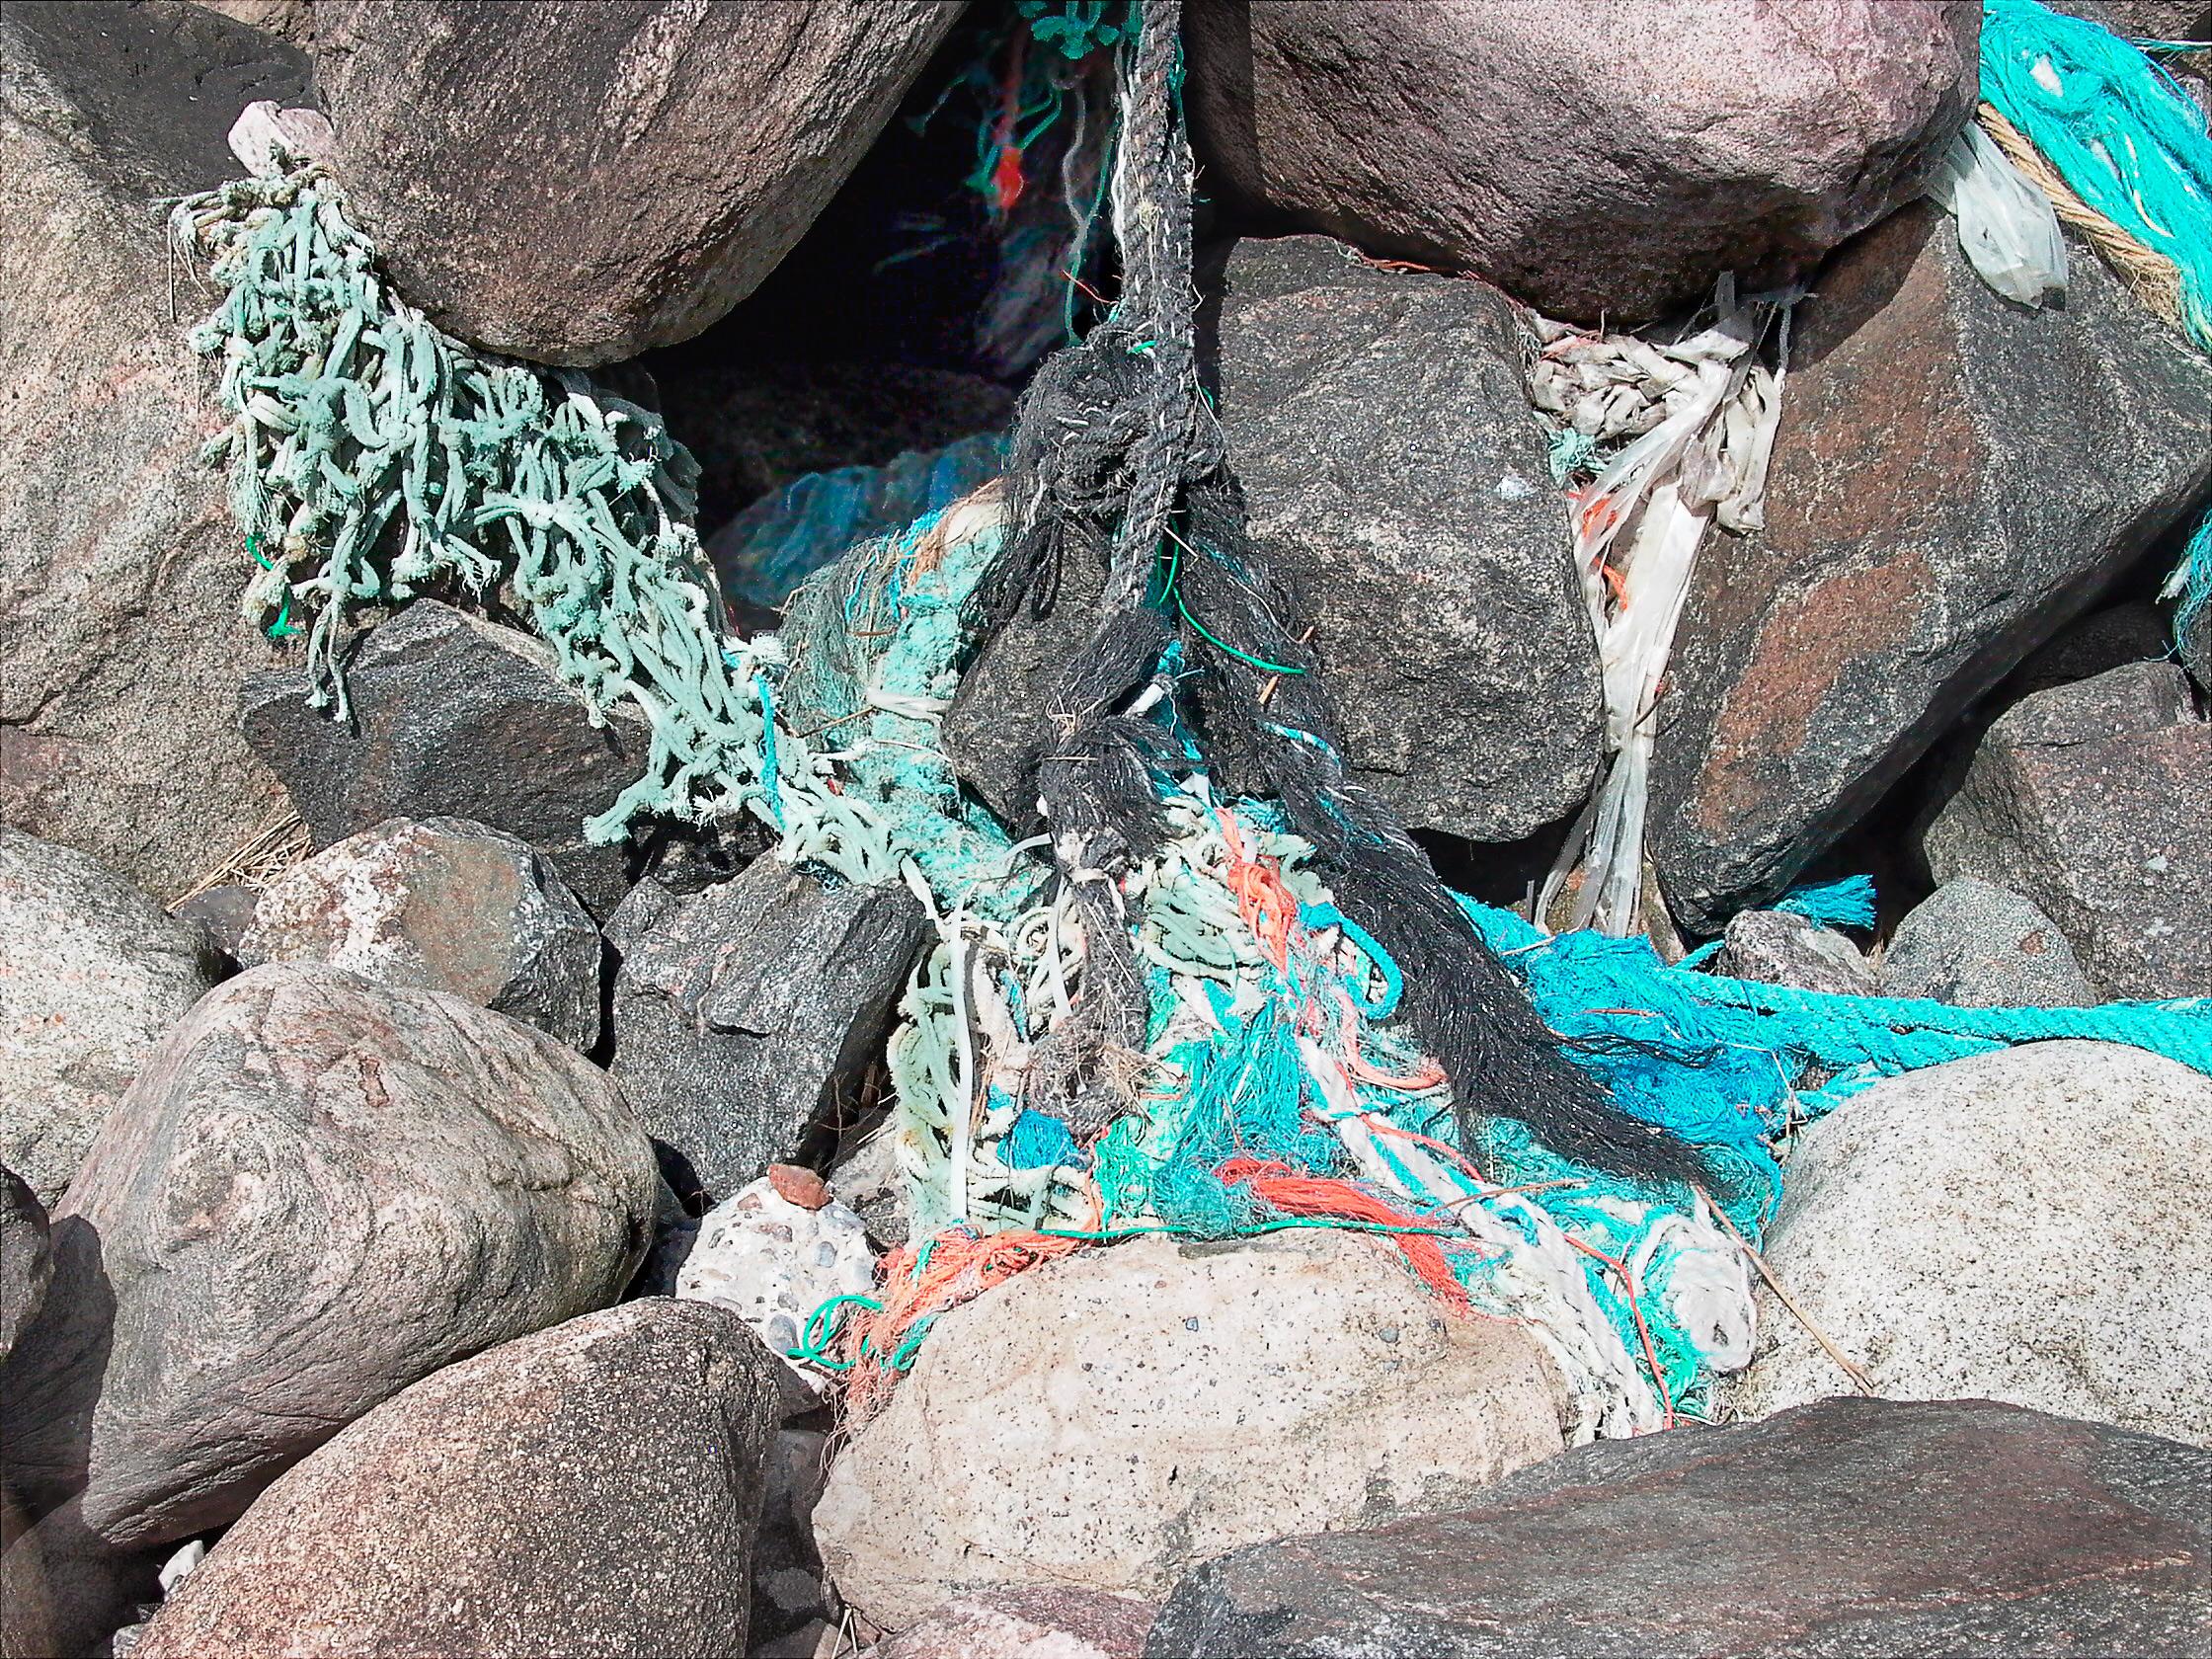 Wreckage-#006_Nr_Lyngby_Spring_2007.jpg